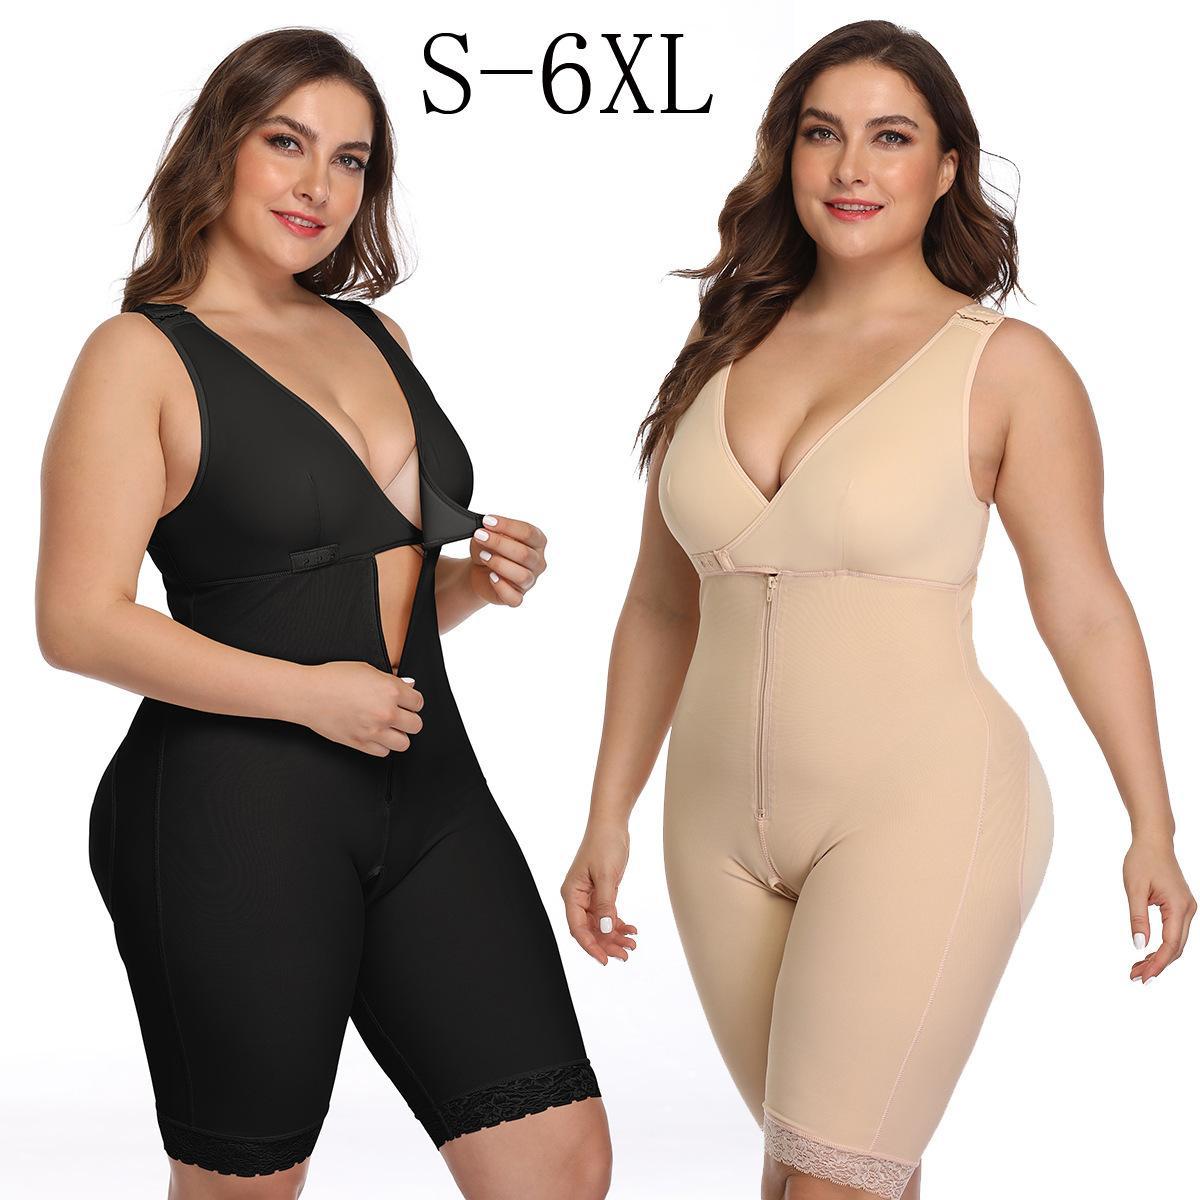 Плюс размер 6XL LATEX женщин Тело Shaper Сообщение Липосакция Girdle Клип Zip Bodysuit жилет талии Shaper Reductoras Shapewear CX200729